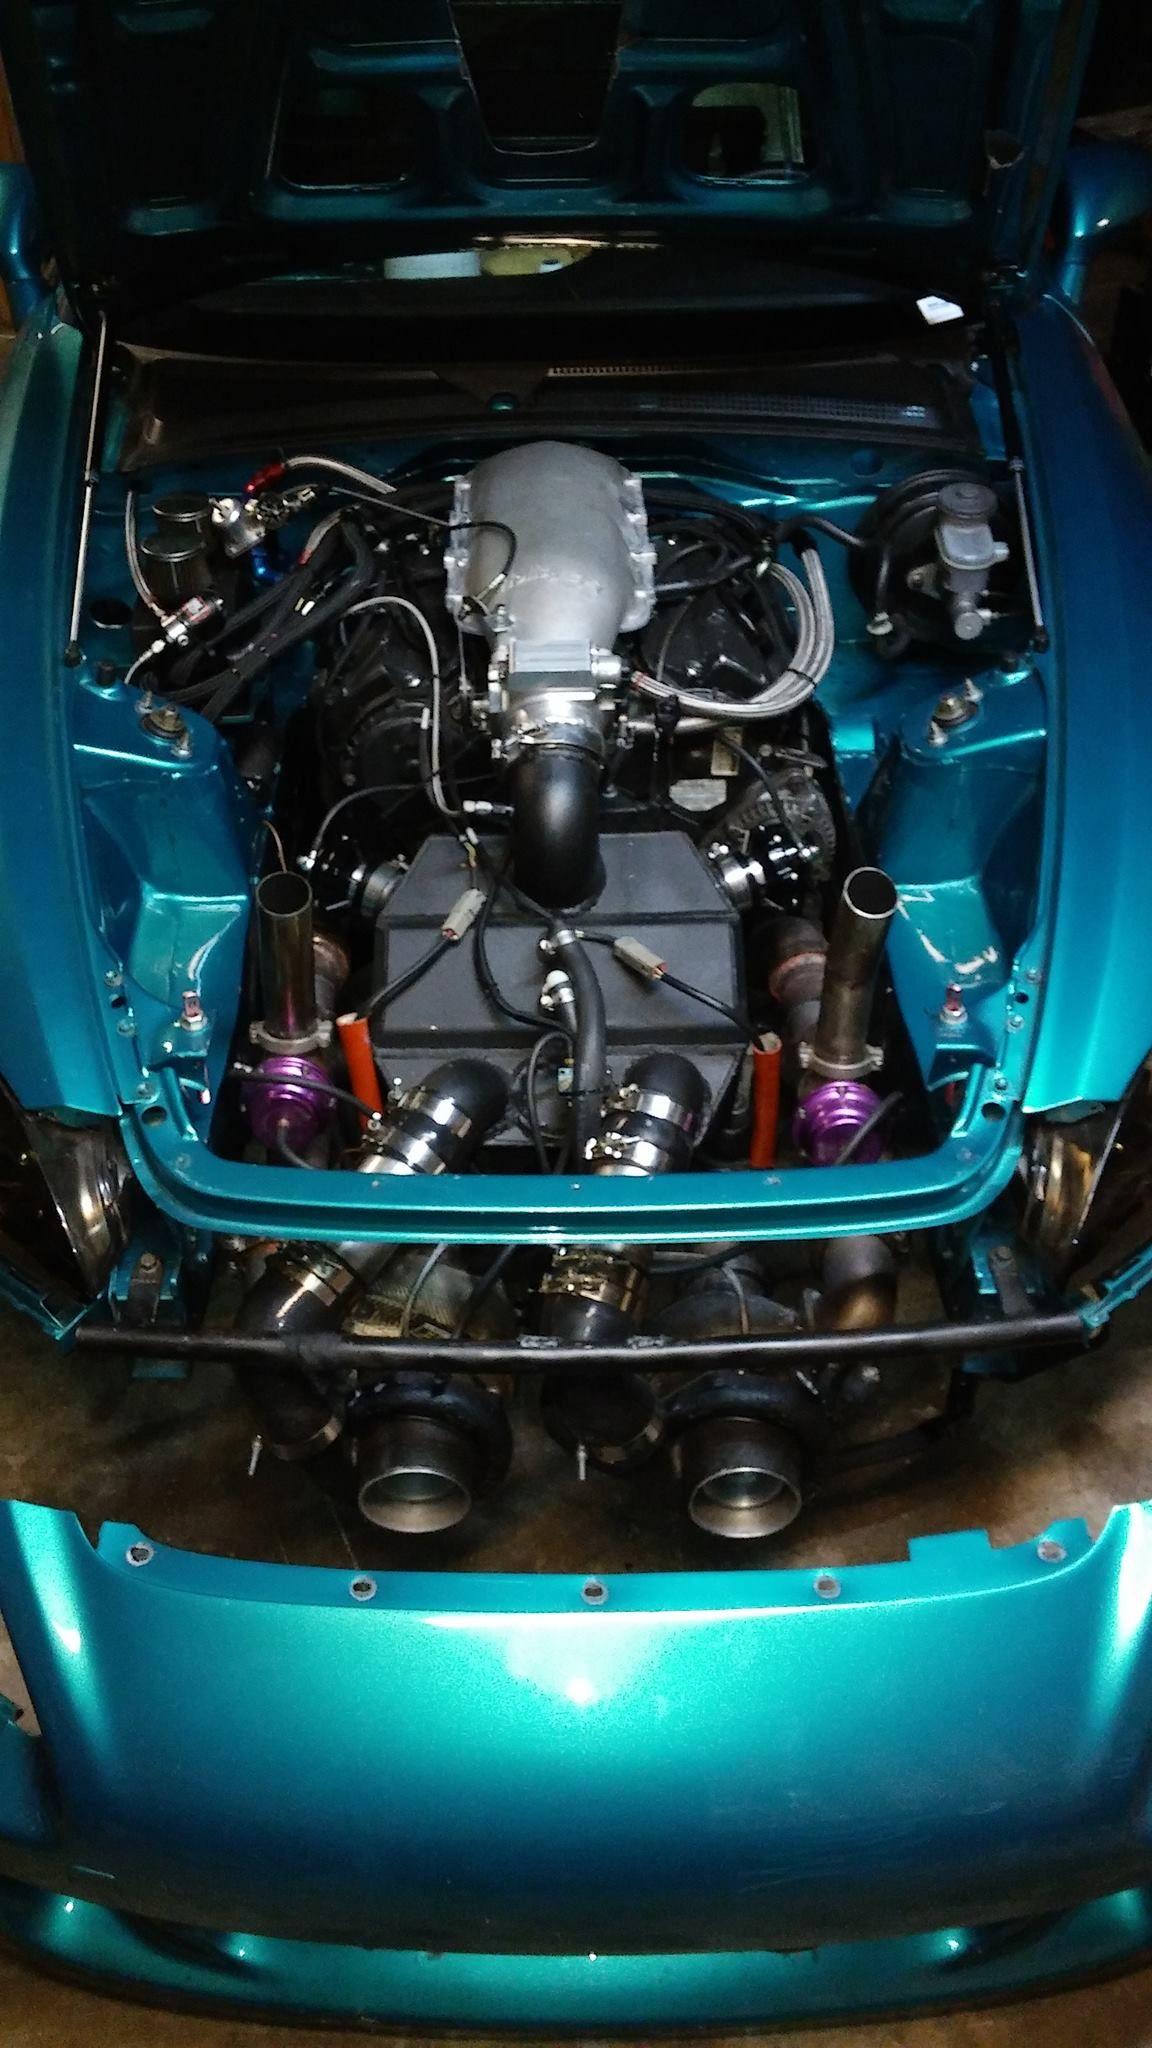 Honda S2000 With A Twin Turbo J32 V6 Twin Turbo Honda Accord Turbo